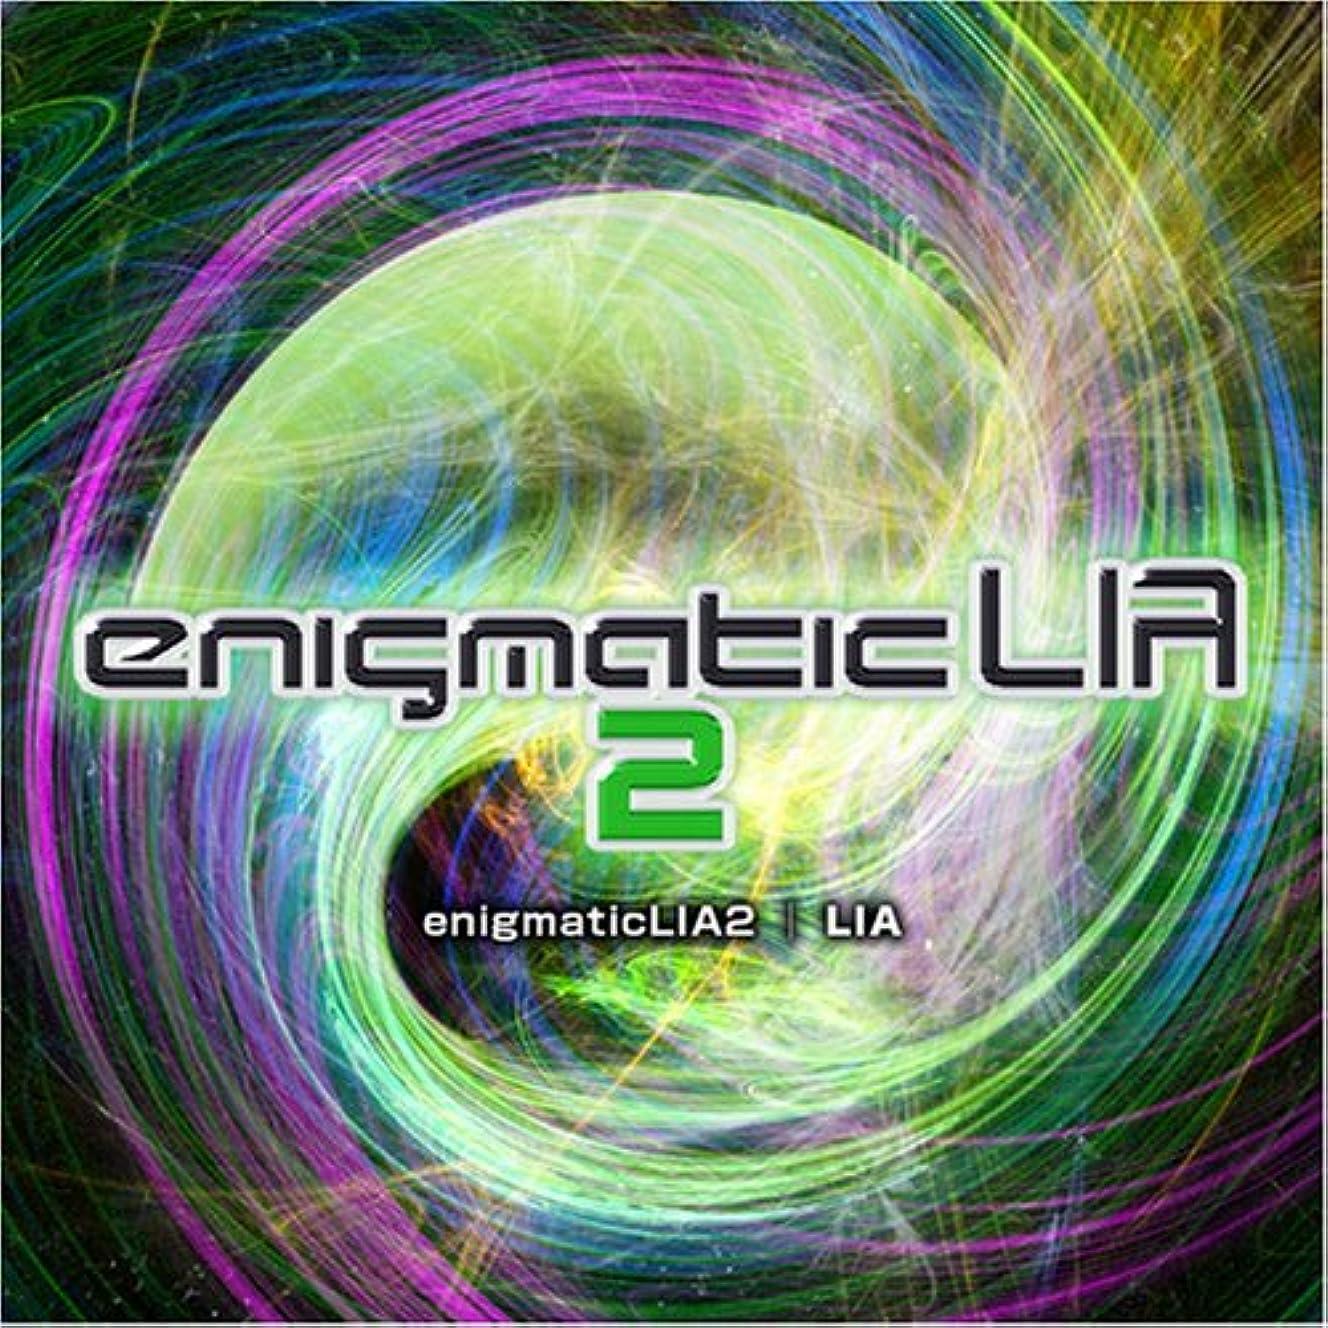 コンテンツレイアウト魅力enigmatic LIA 2